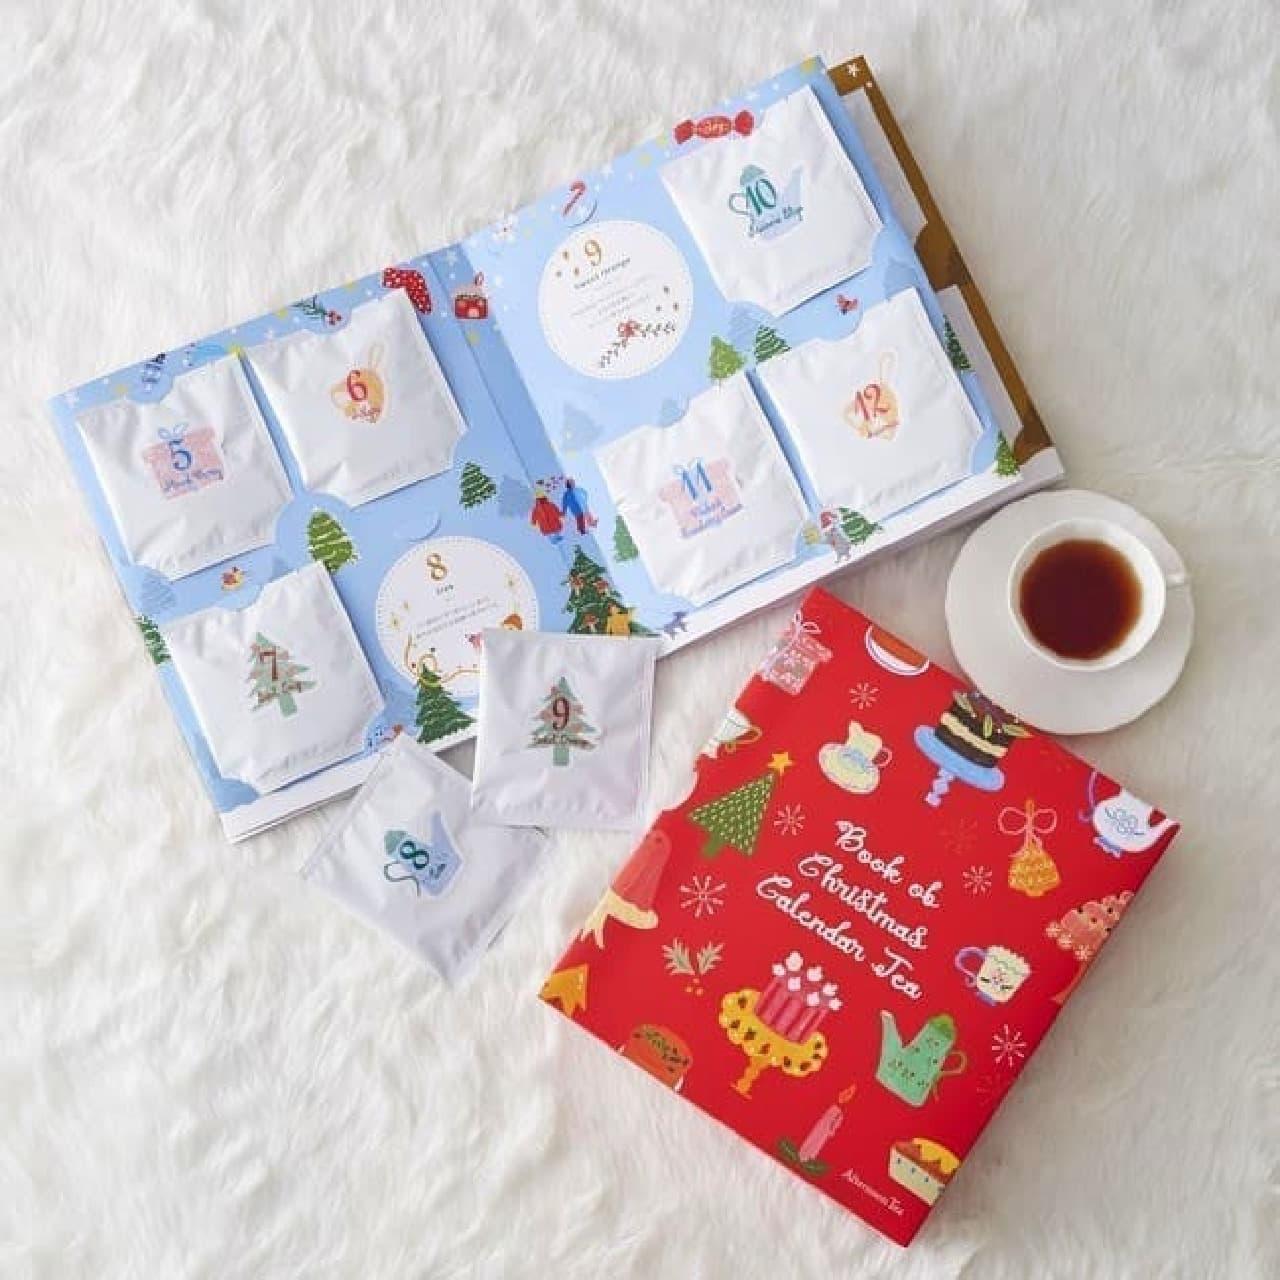 アフタヌーンティー・ティールーム「ブックオブクリスマスカレンダーティー」